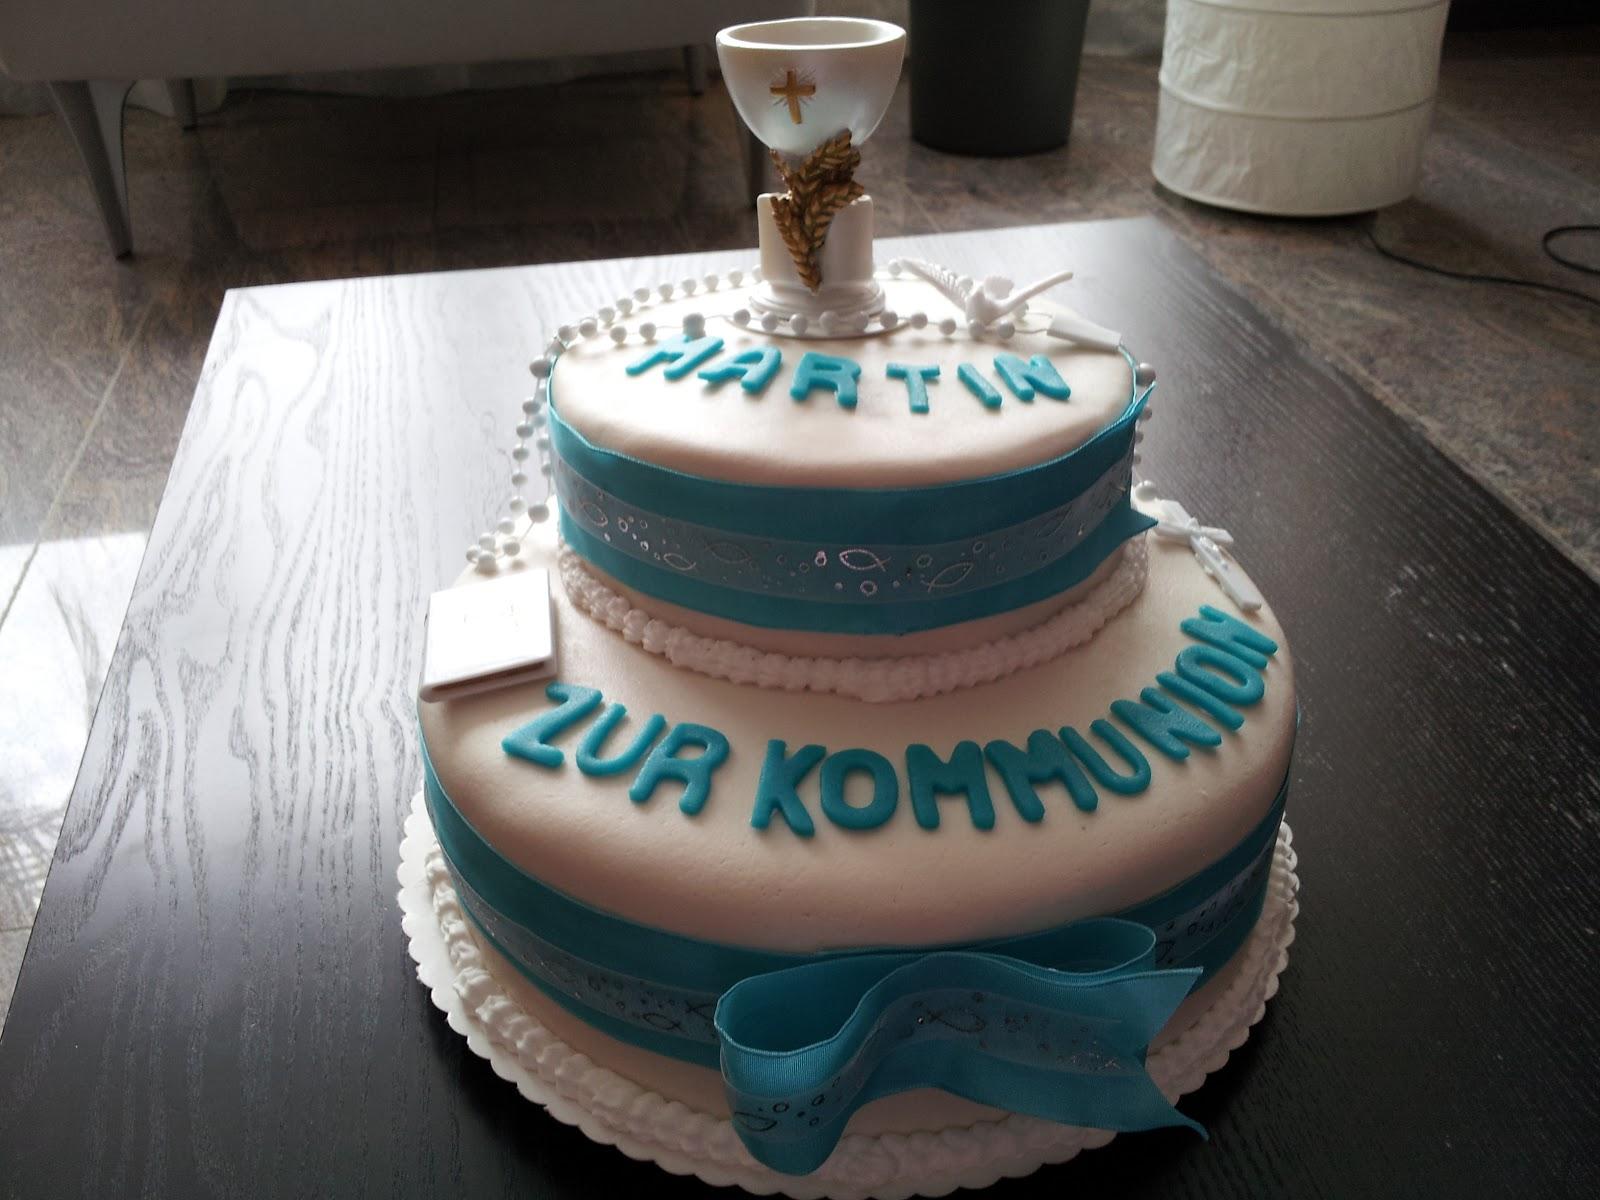 Torte zur kommunion rezept